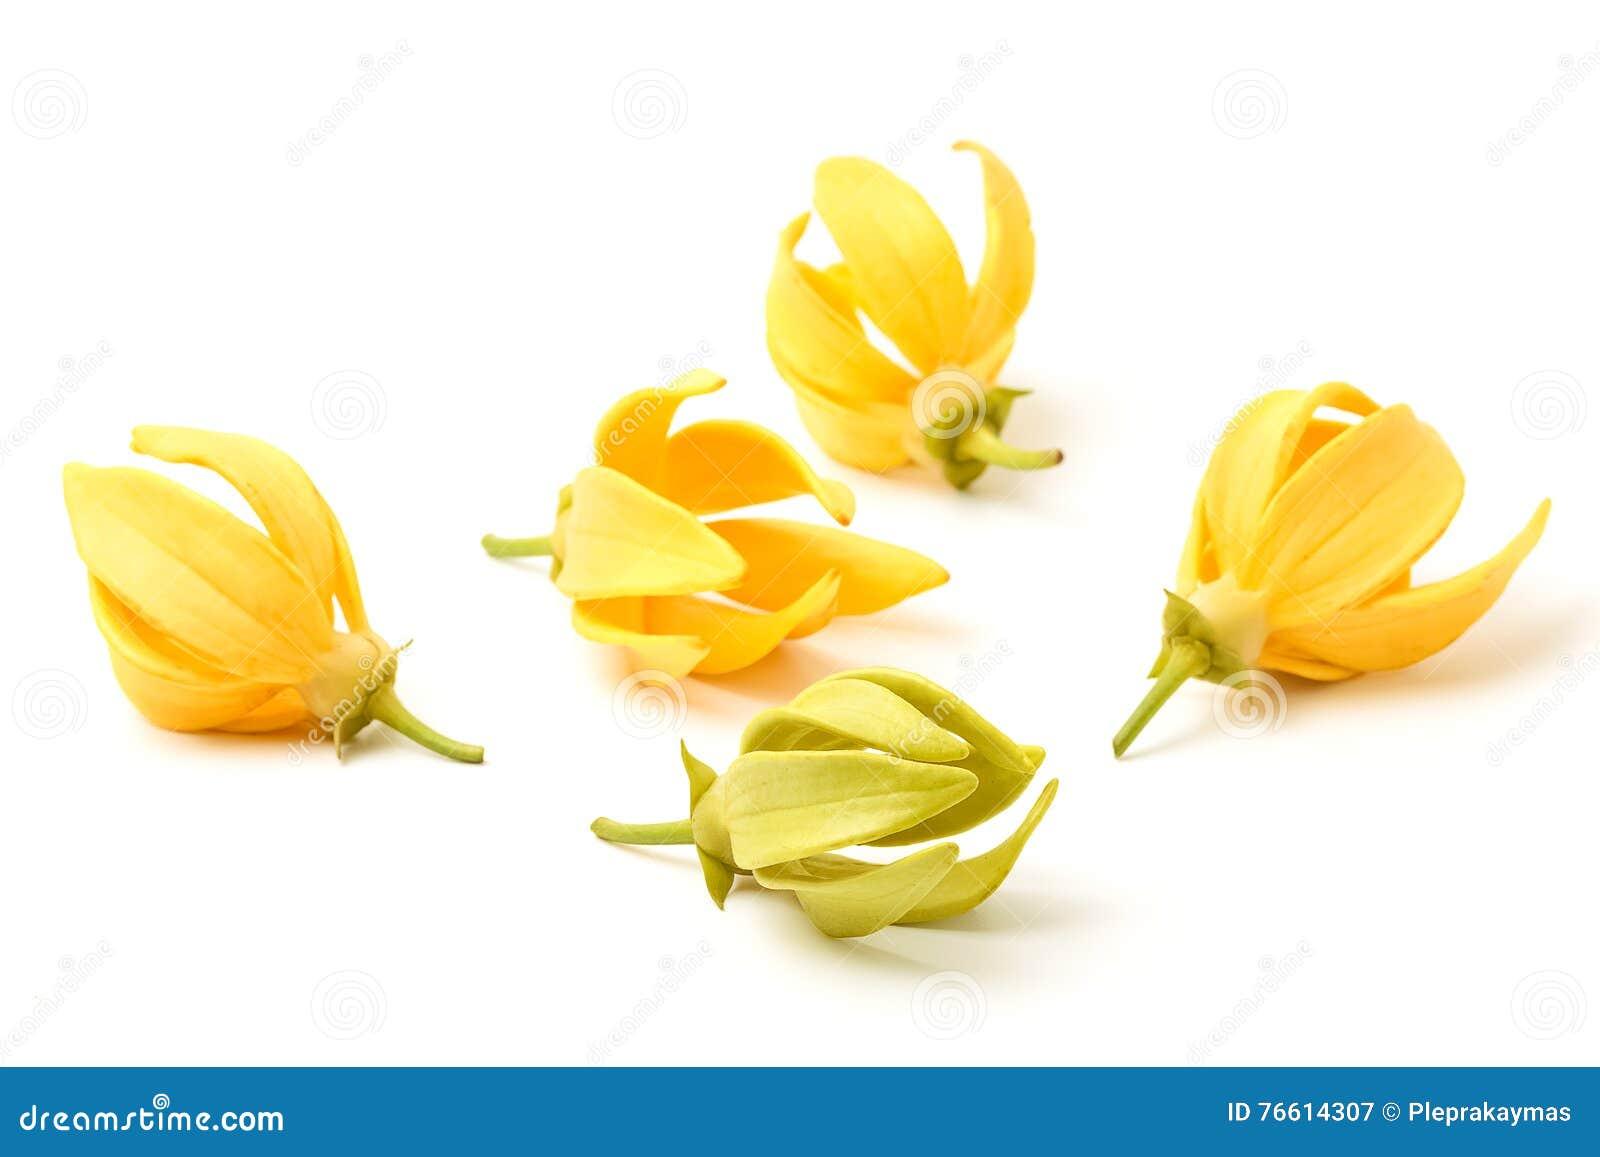 Fiori Ylang Ylang.Fiore Di Ylang Ylang Fiore Fragrante Giallo Immagine Stock